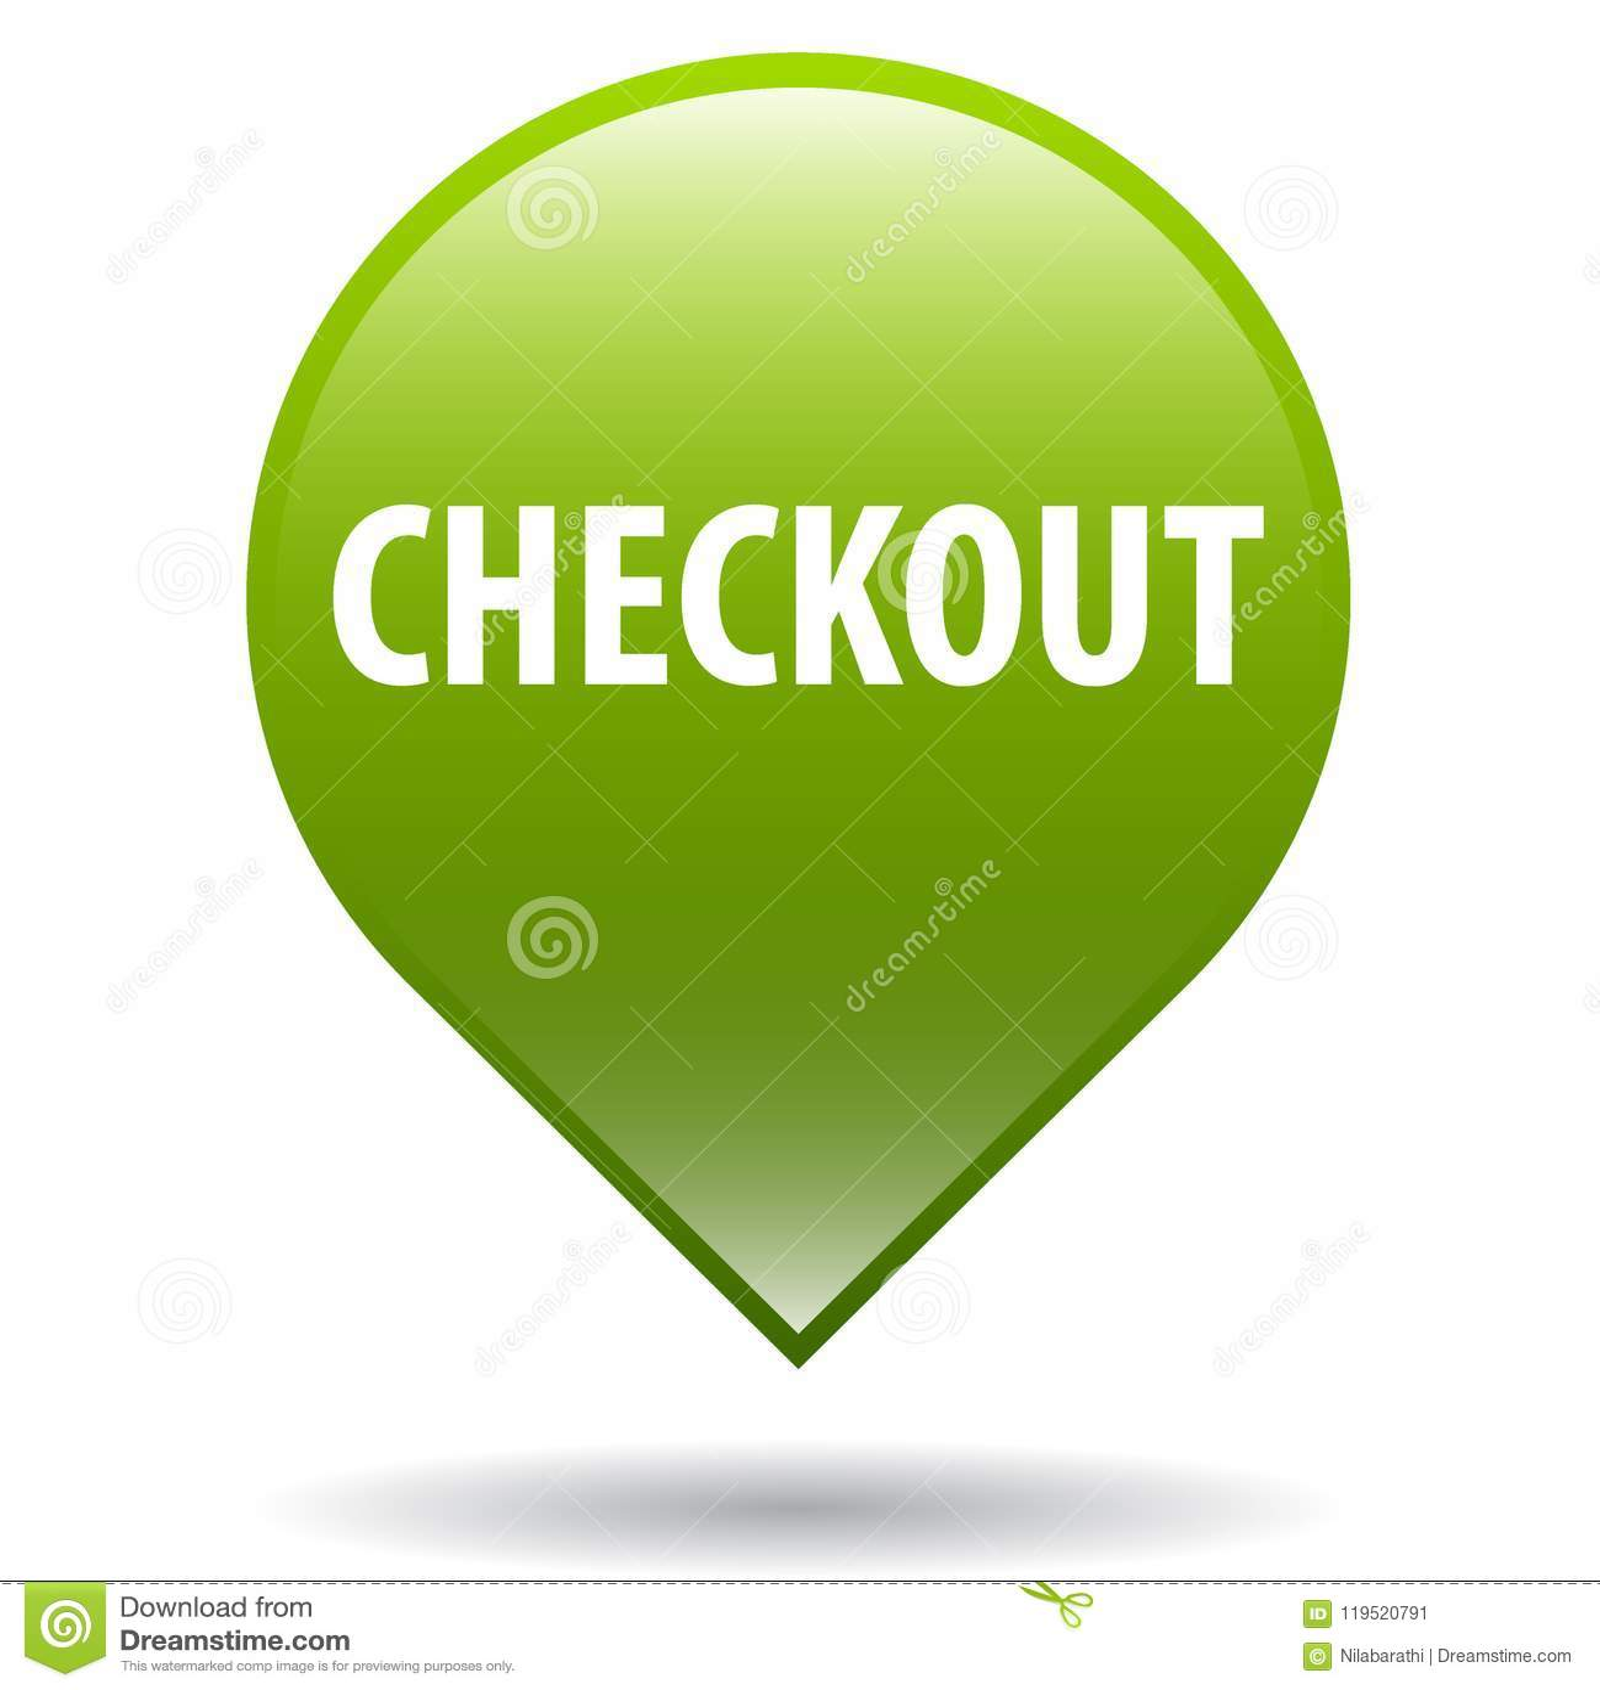 Checkout web button